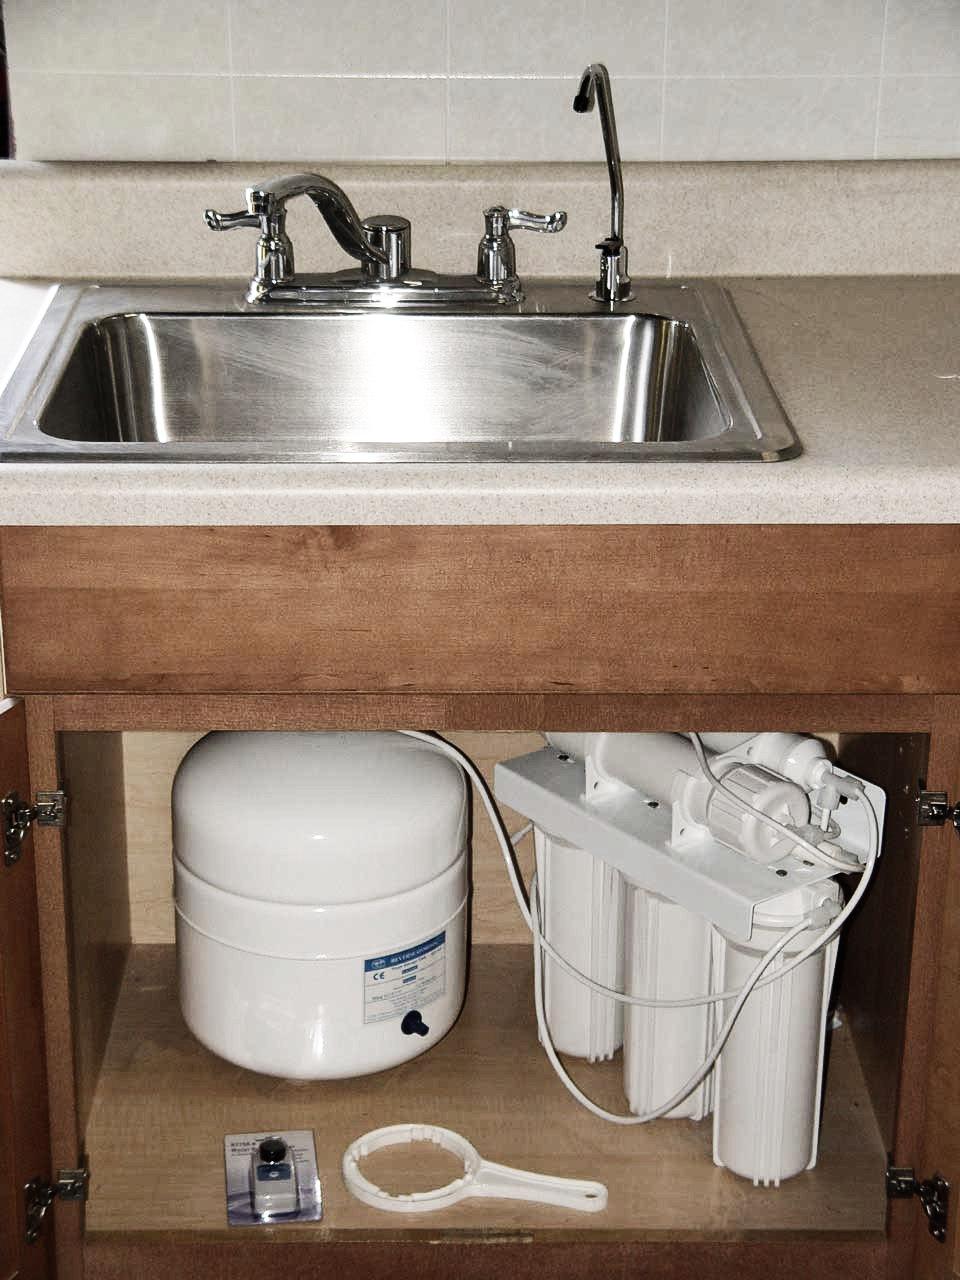 under-sink-ro-unit installation1